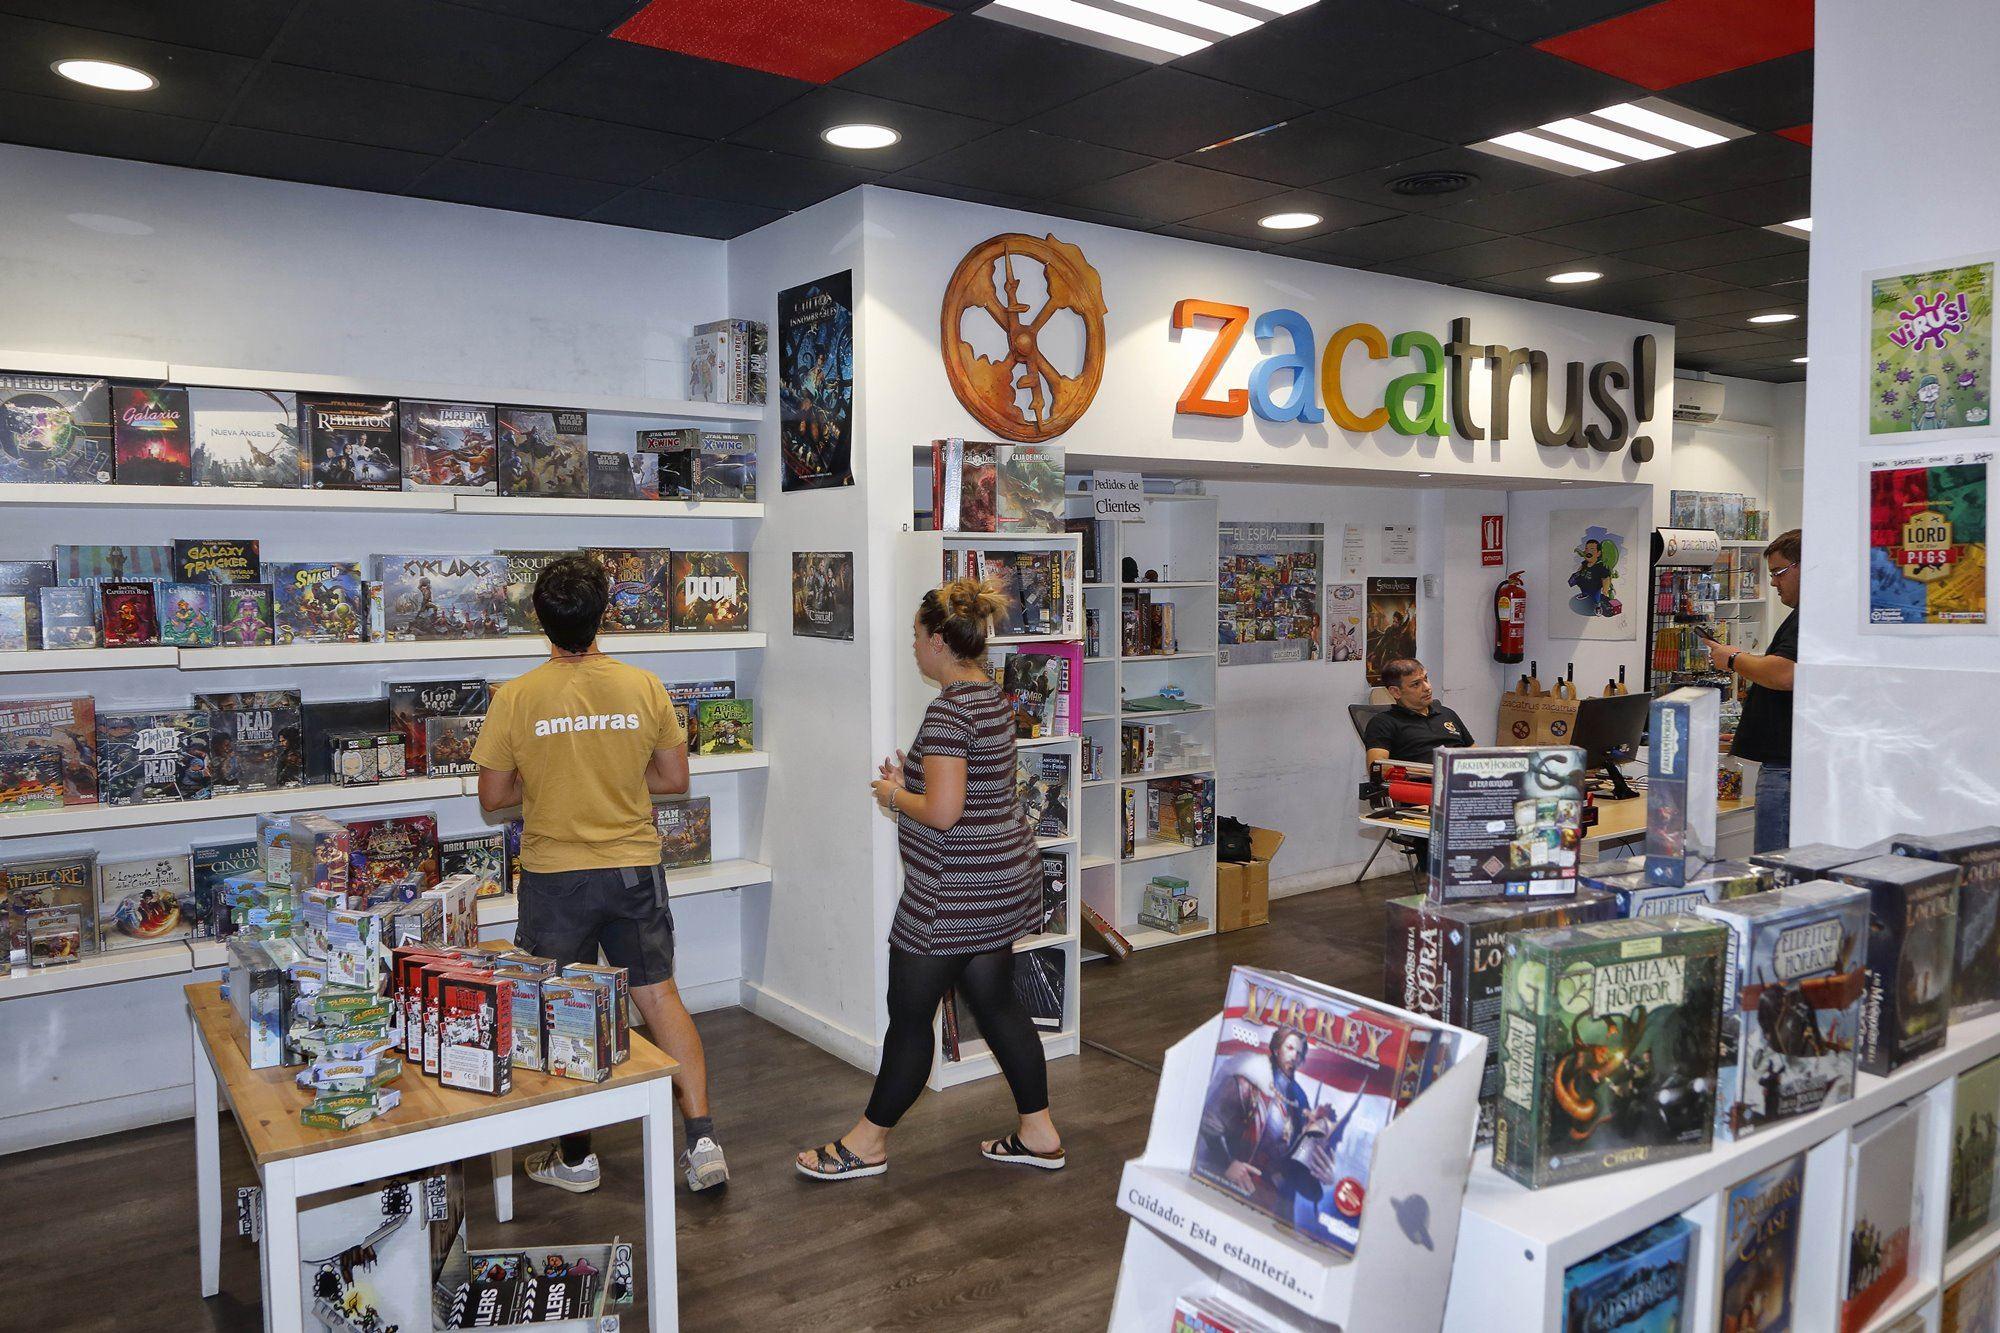 'Zacatrús' comenzó siendo una tienda 'online' y ahora son referente en la venta de juegos de mesa en Madrid.